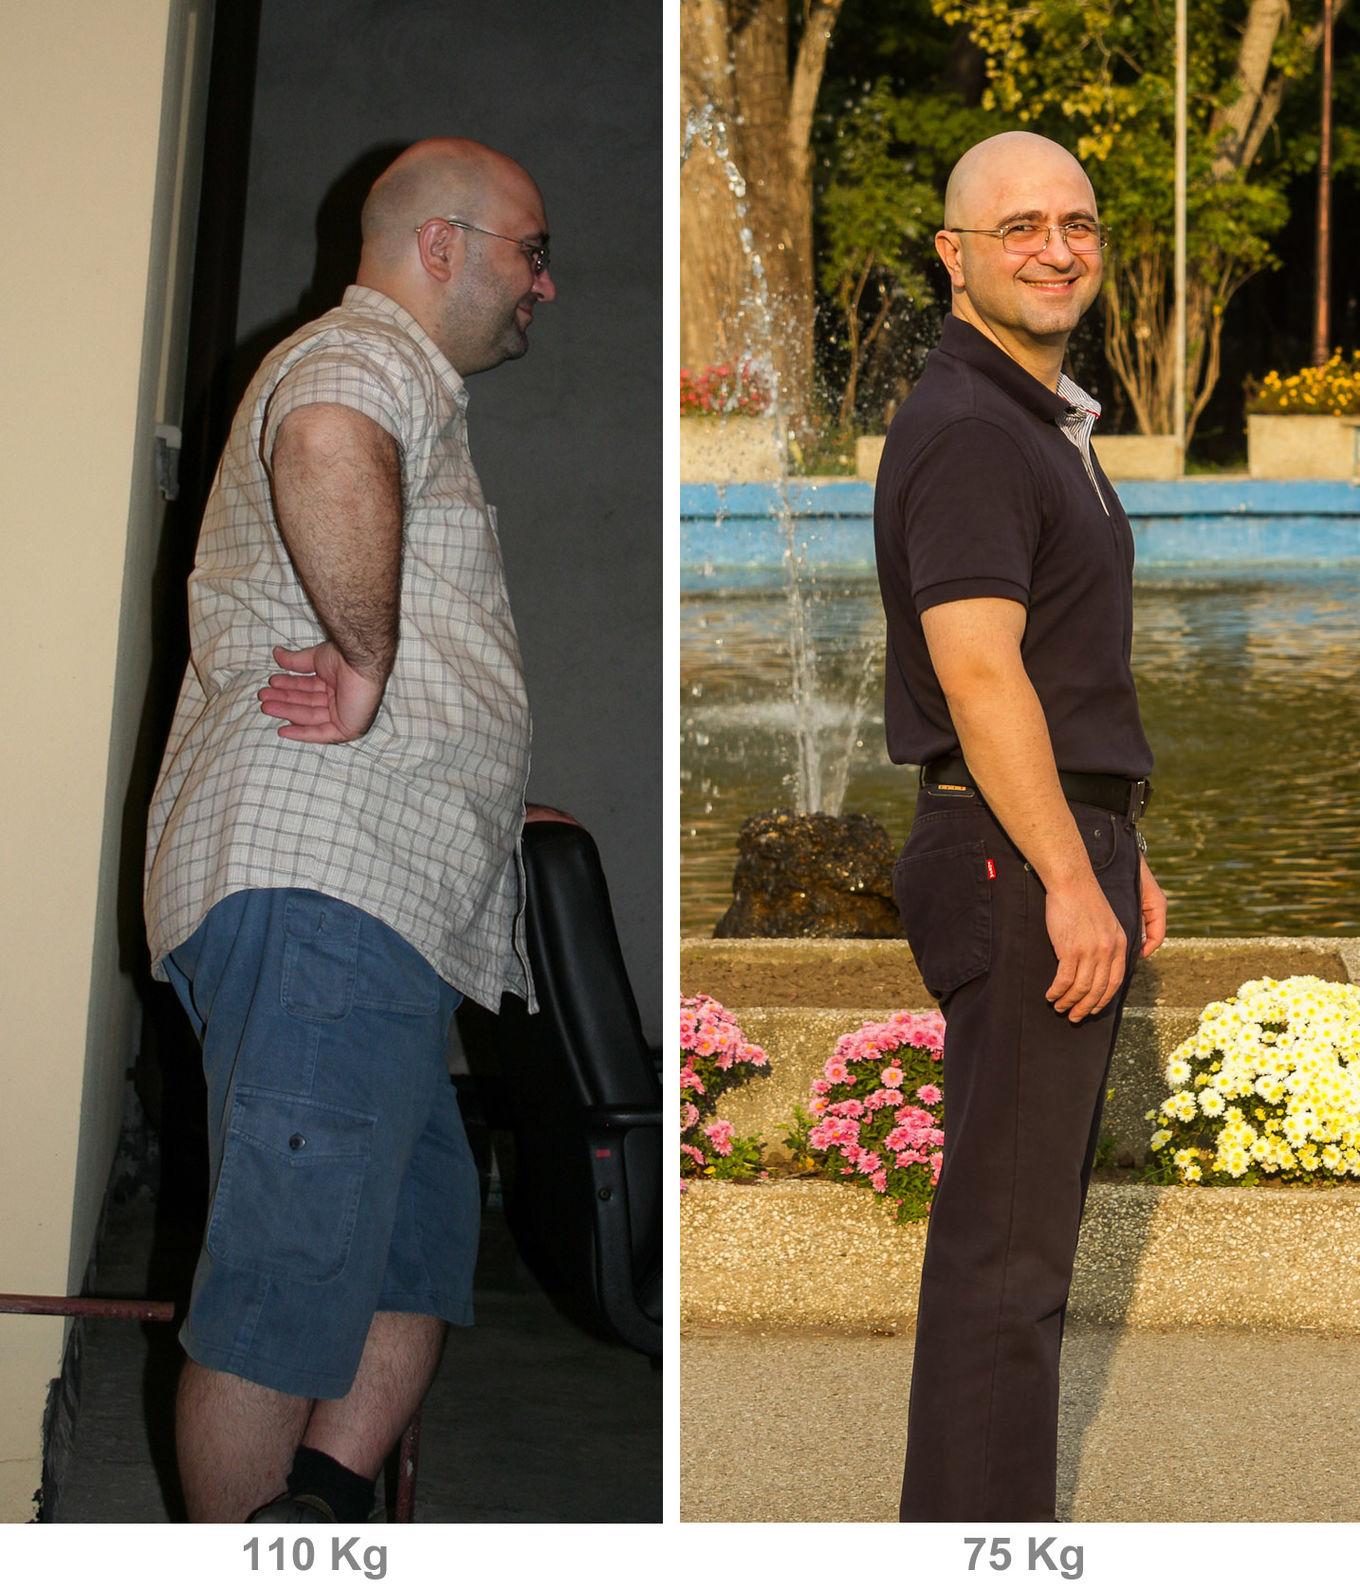 mama îmi spune să slăbesc Pierderea în greutate arată mai tânără